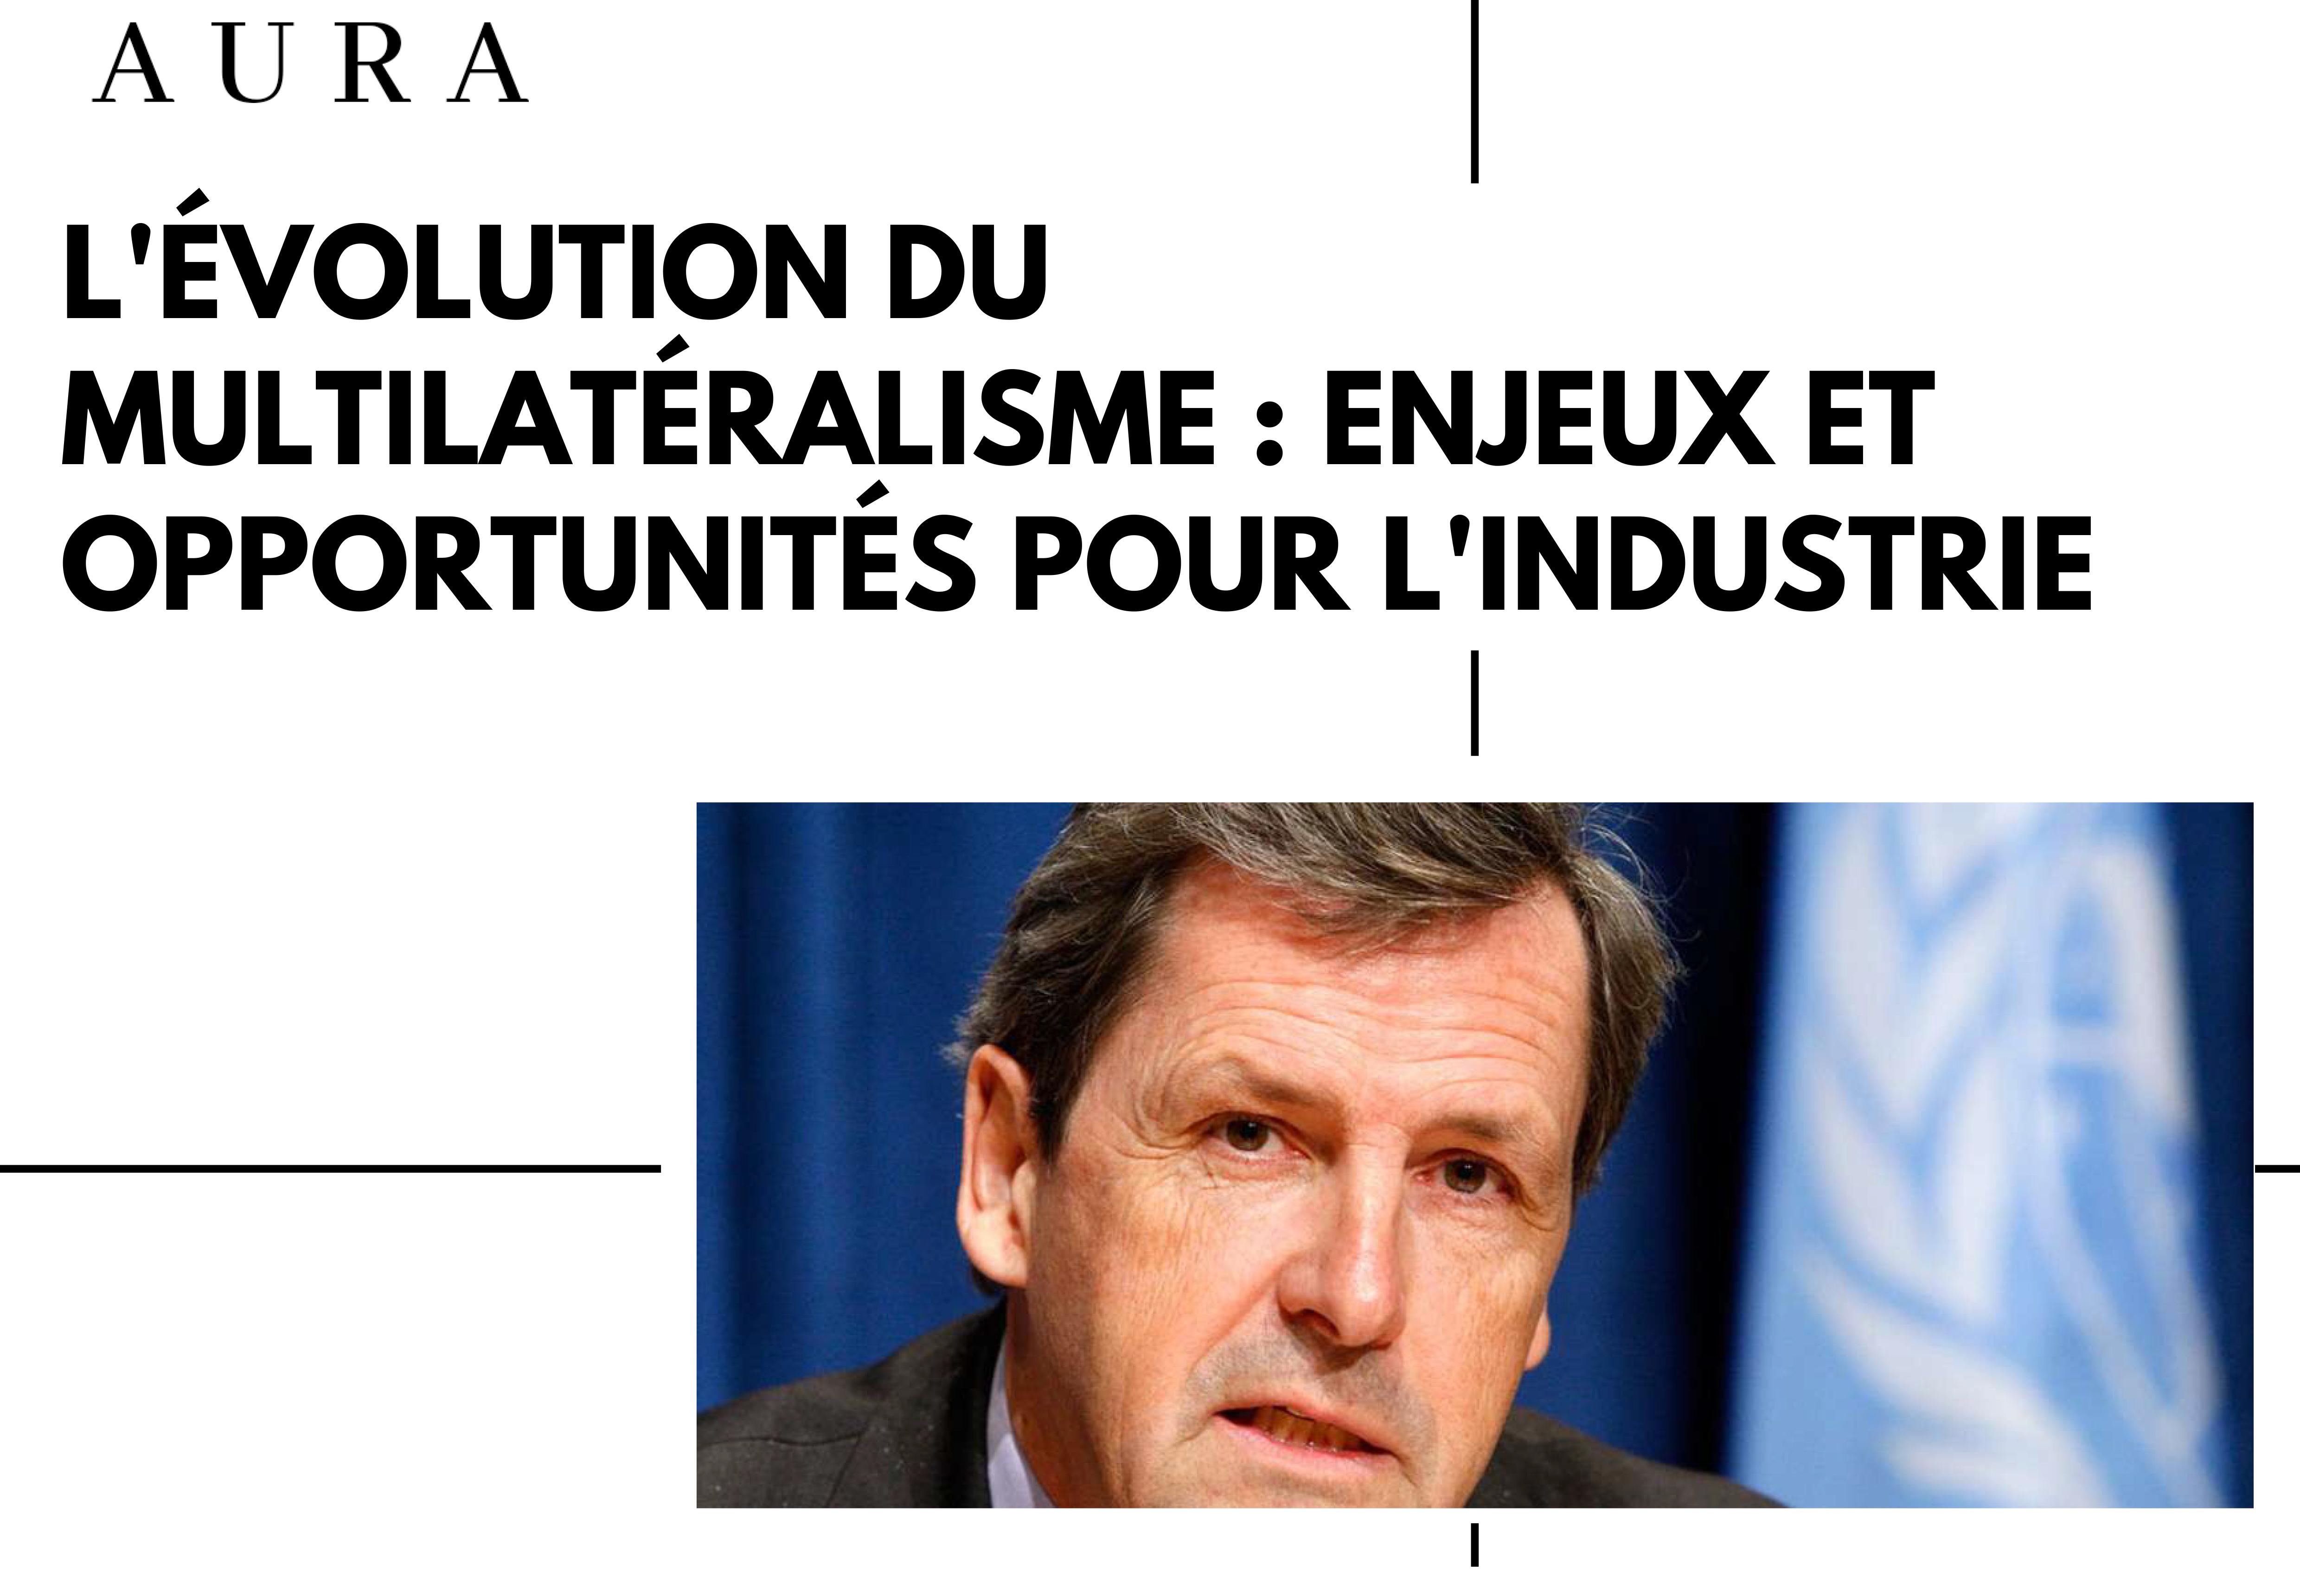 L'Évolution du multilatéralisme : enjeux et opportunités pour l'industrie